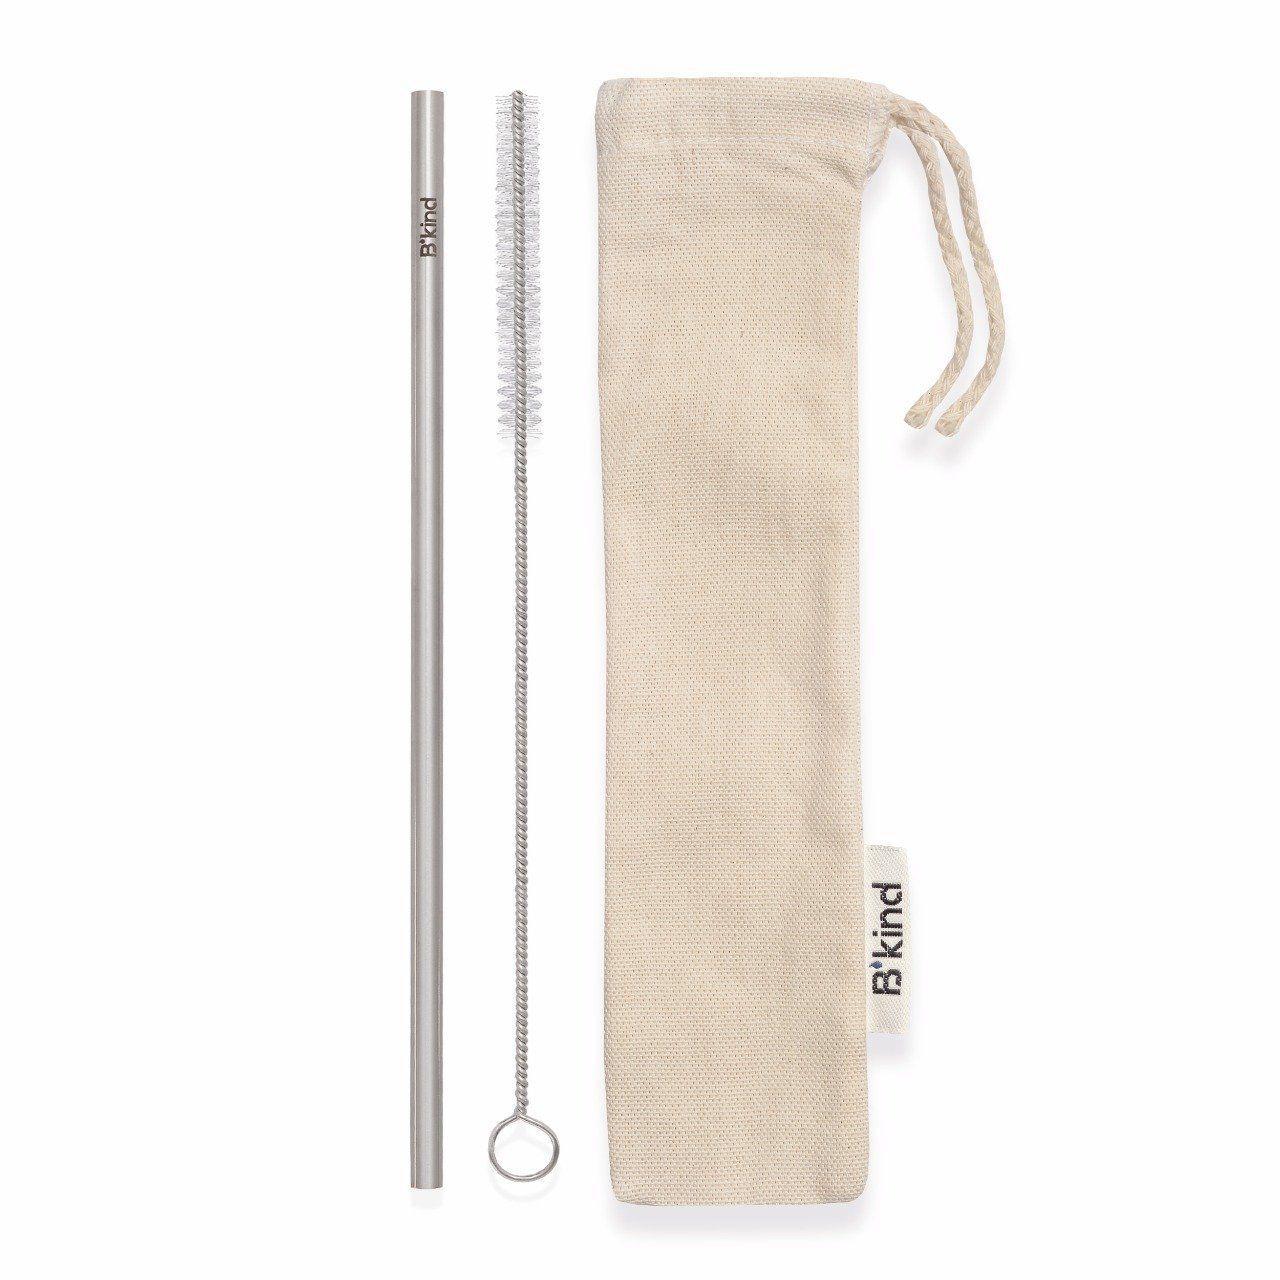 Kit Eco Canudo Bkind Aço Inox 304 Puro + Escova Easy Clean + Eco Bag